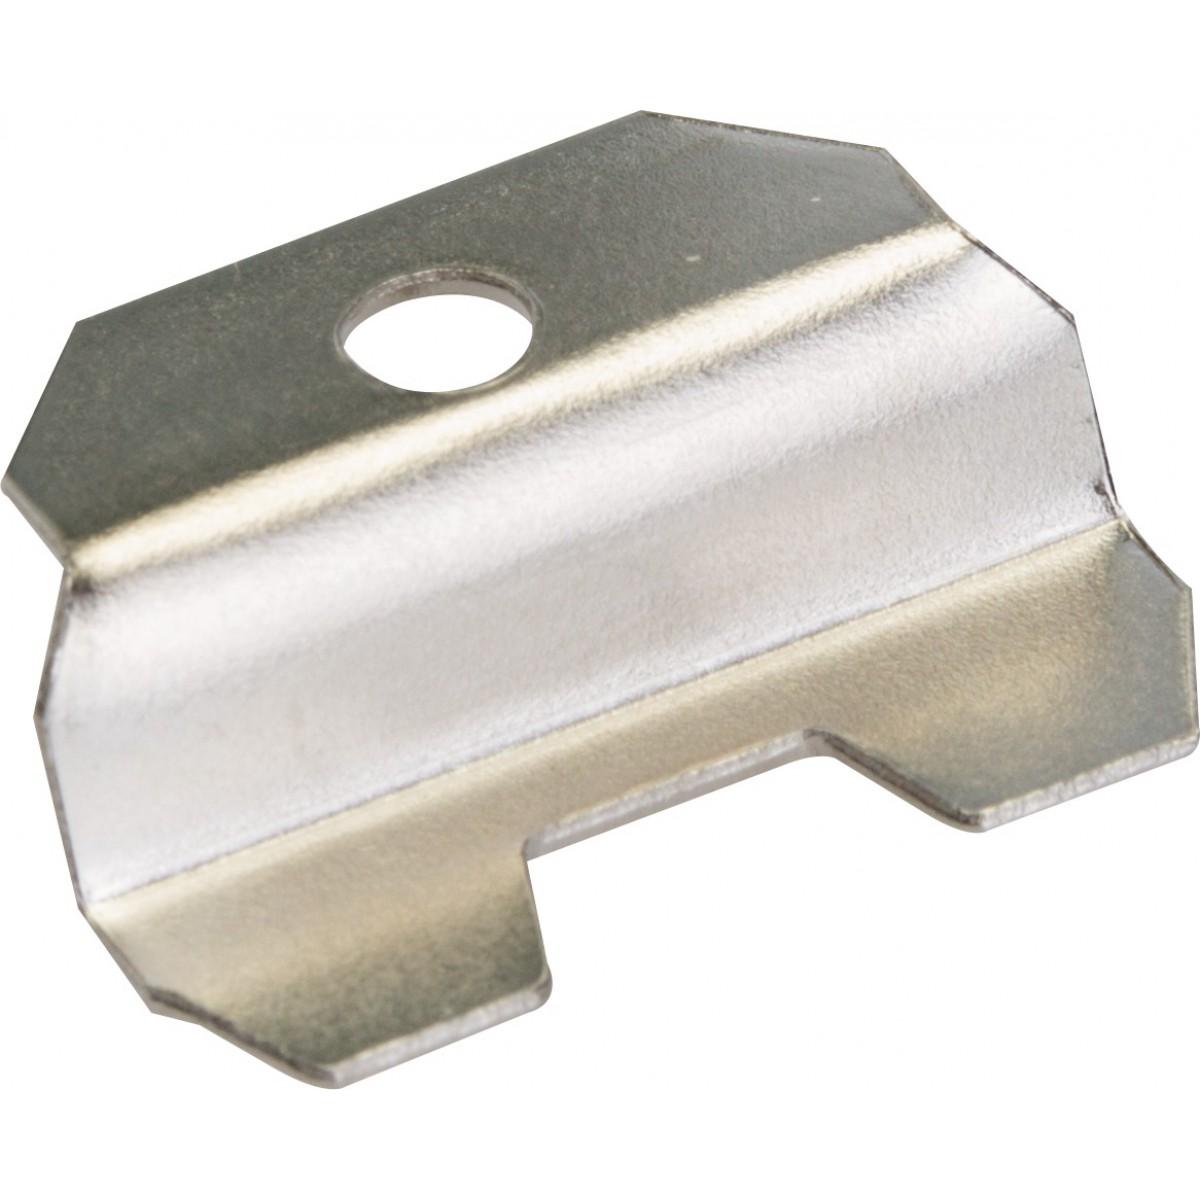 Patte à glace acier nickelé PVM - Dimensions 28 x 21 mm - Vendu par 4